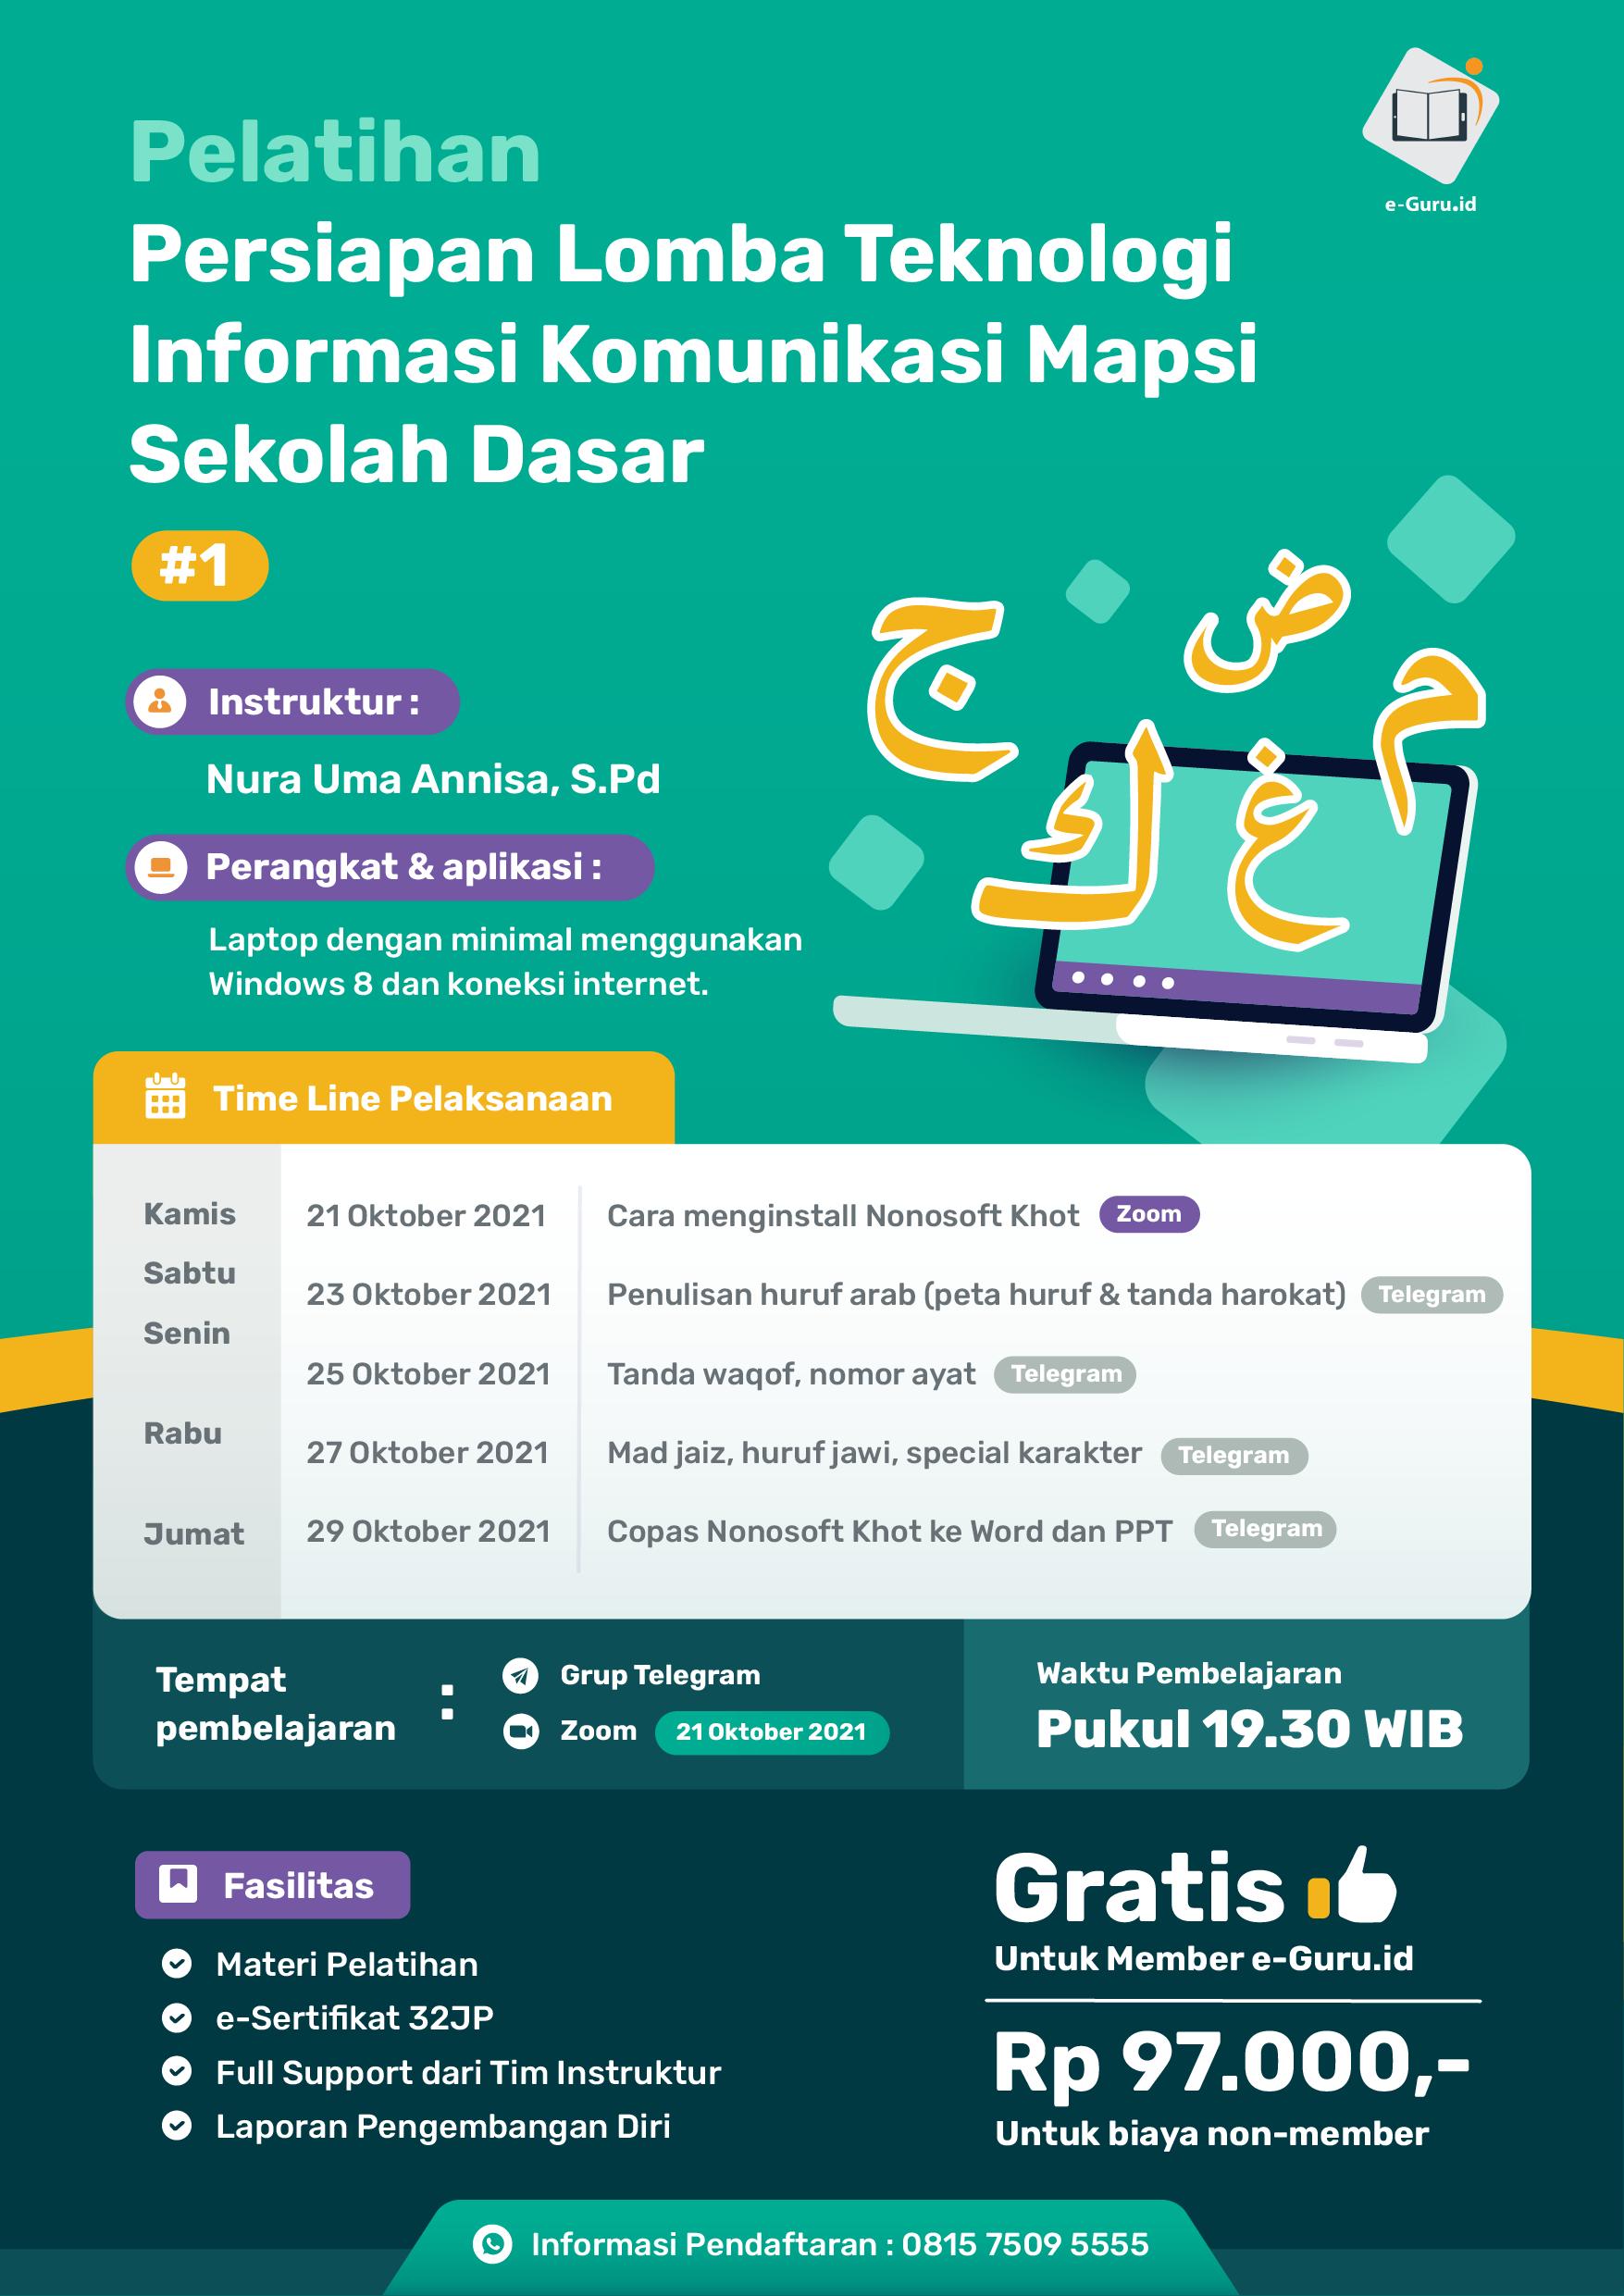 17. Pelatihan Persiapan Lomba Teknologi Informasi Komunikasi Mapsi Sekolah-02